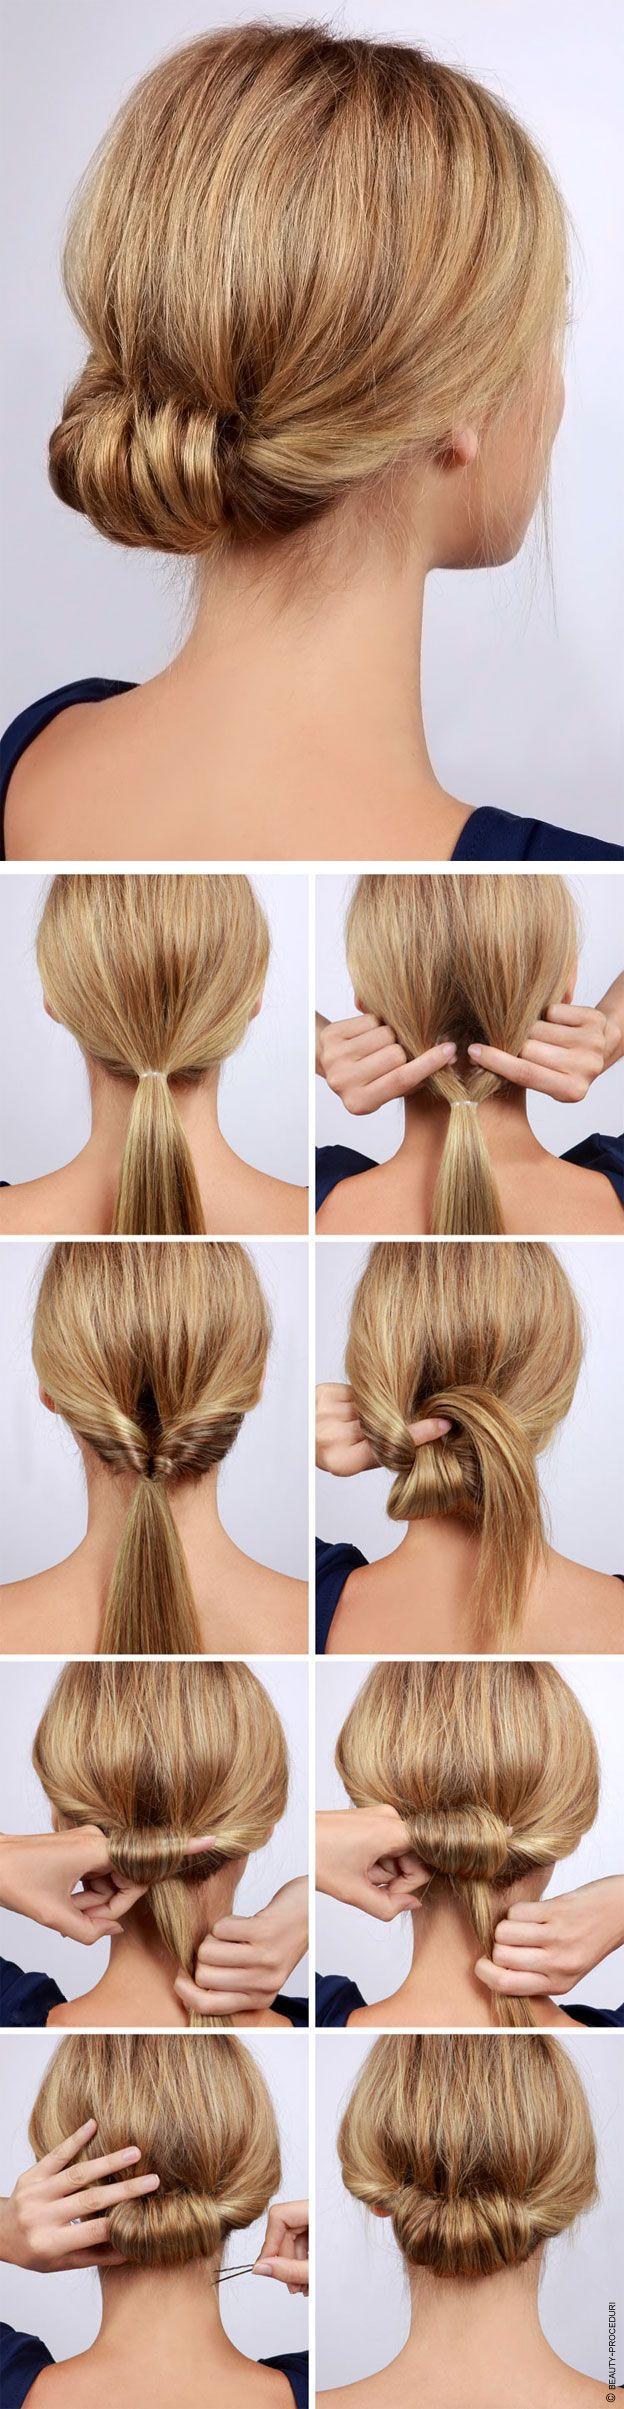 Как вернуть цвет волос после окрашивания в темный цвет